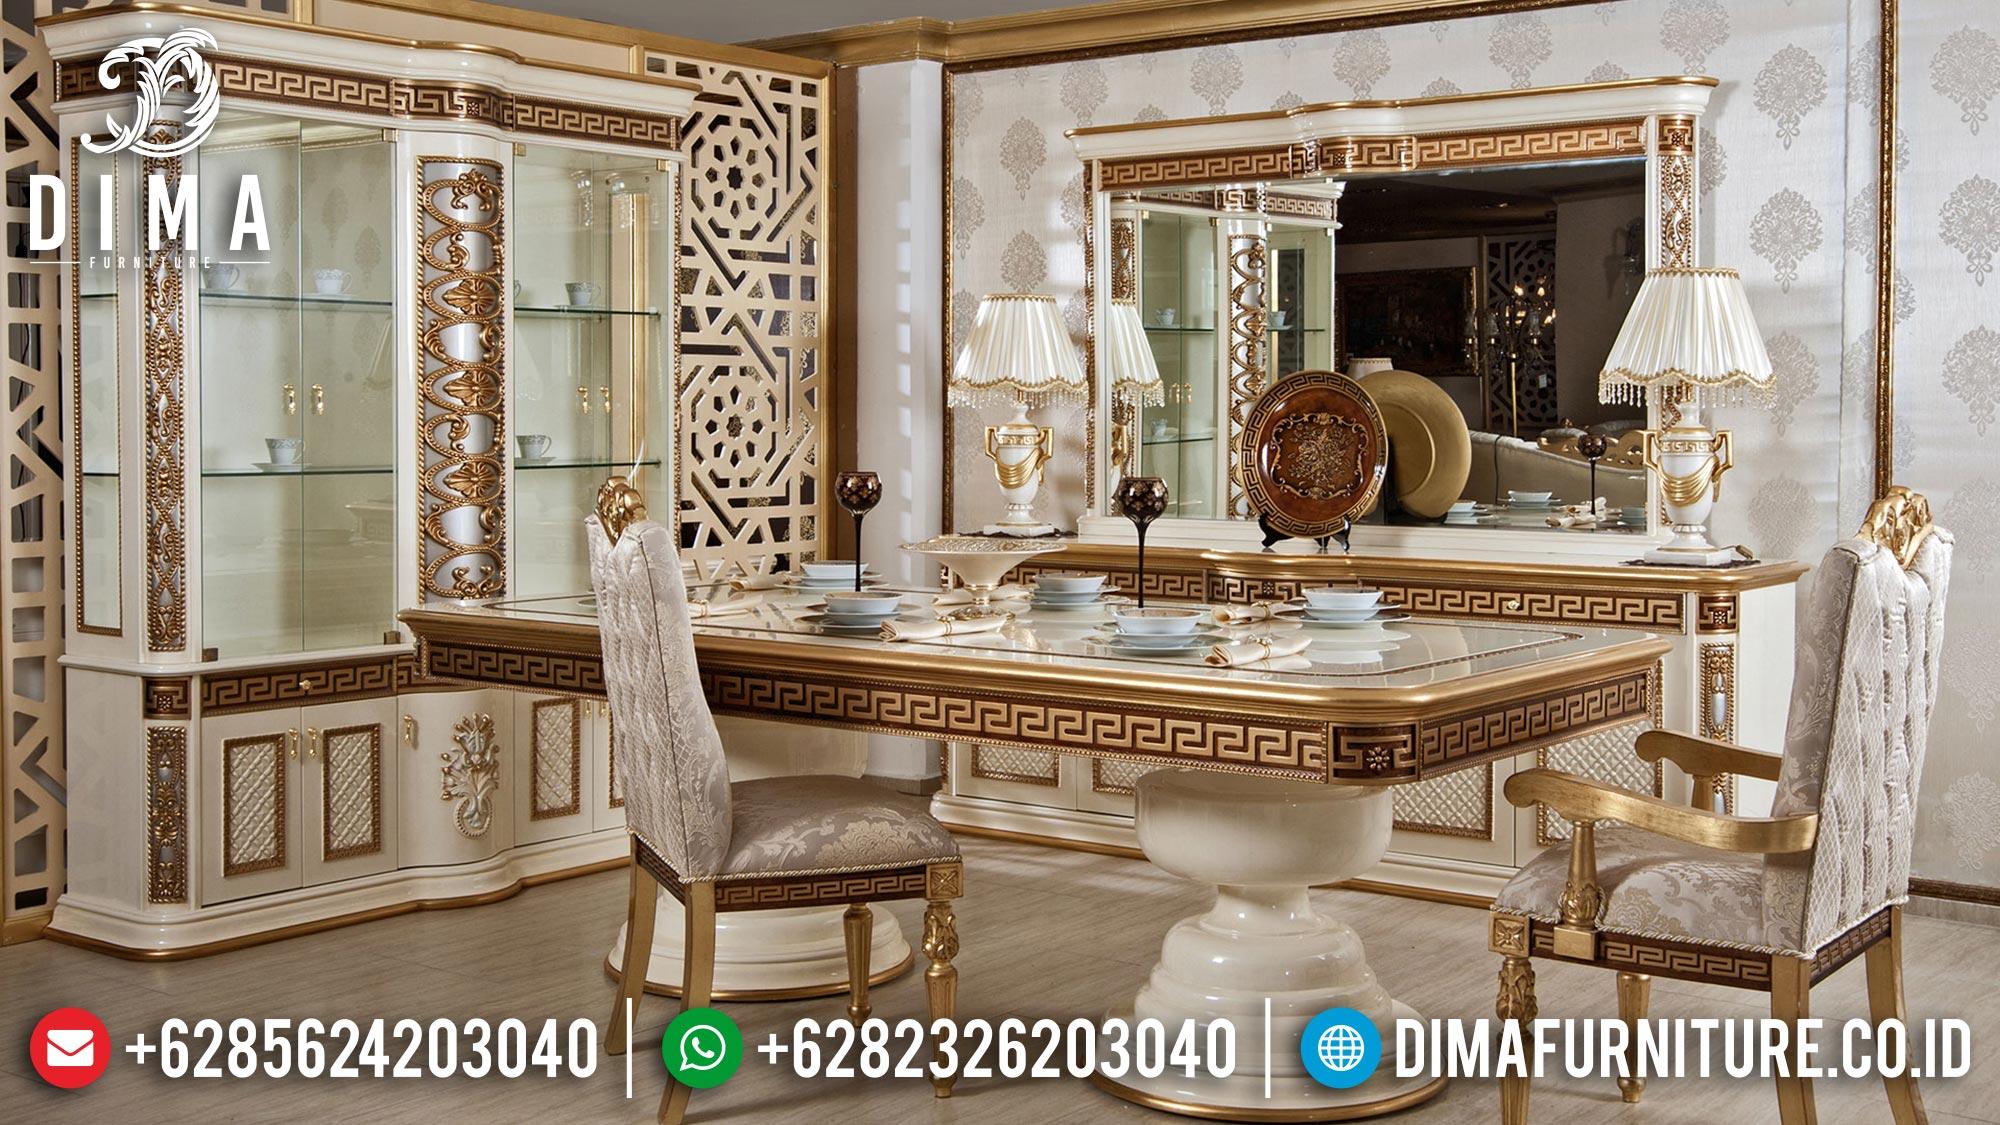 Black Friday Sale Meja Makan Mewah Terbaru New Furniture Jepara TTJ-1606